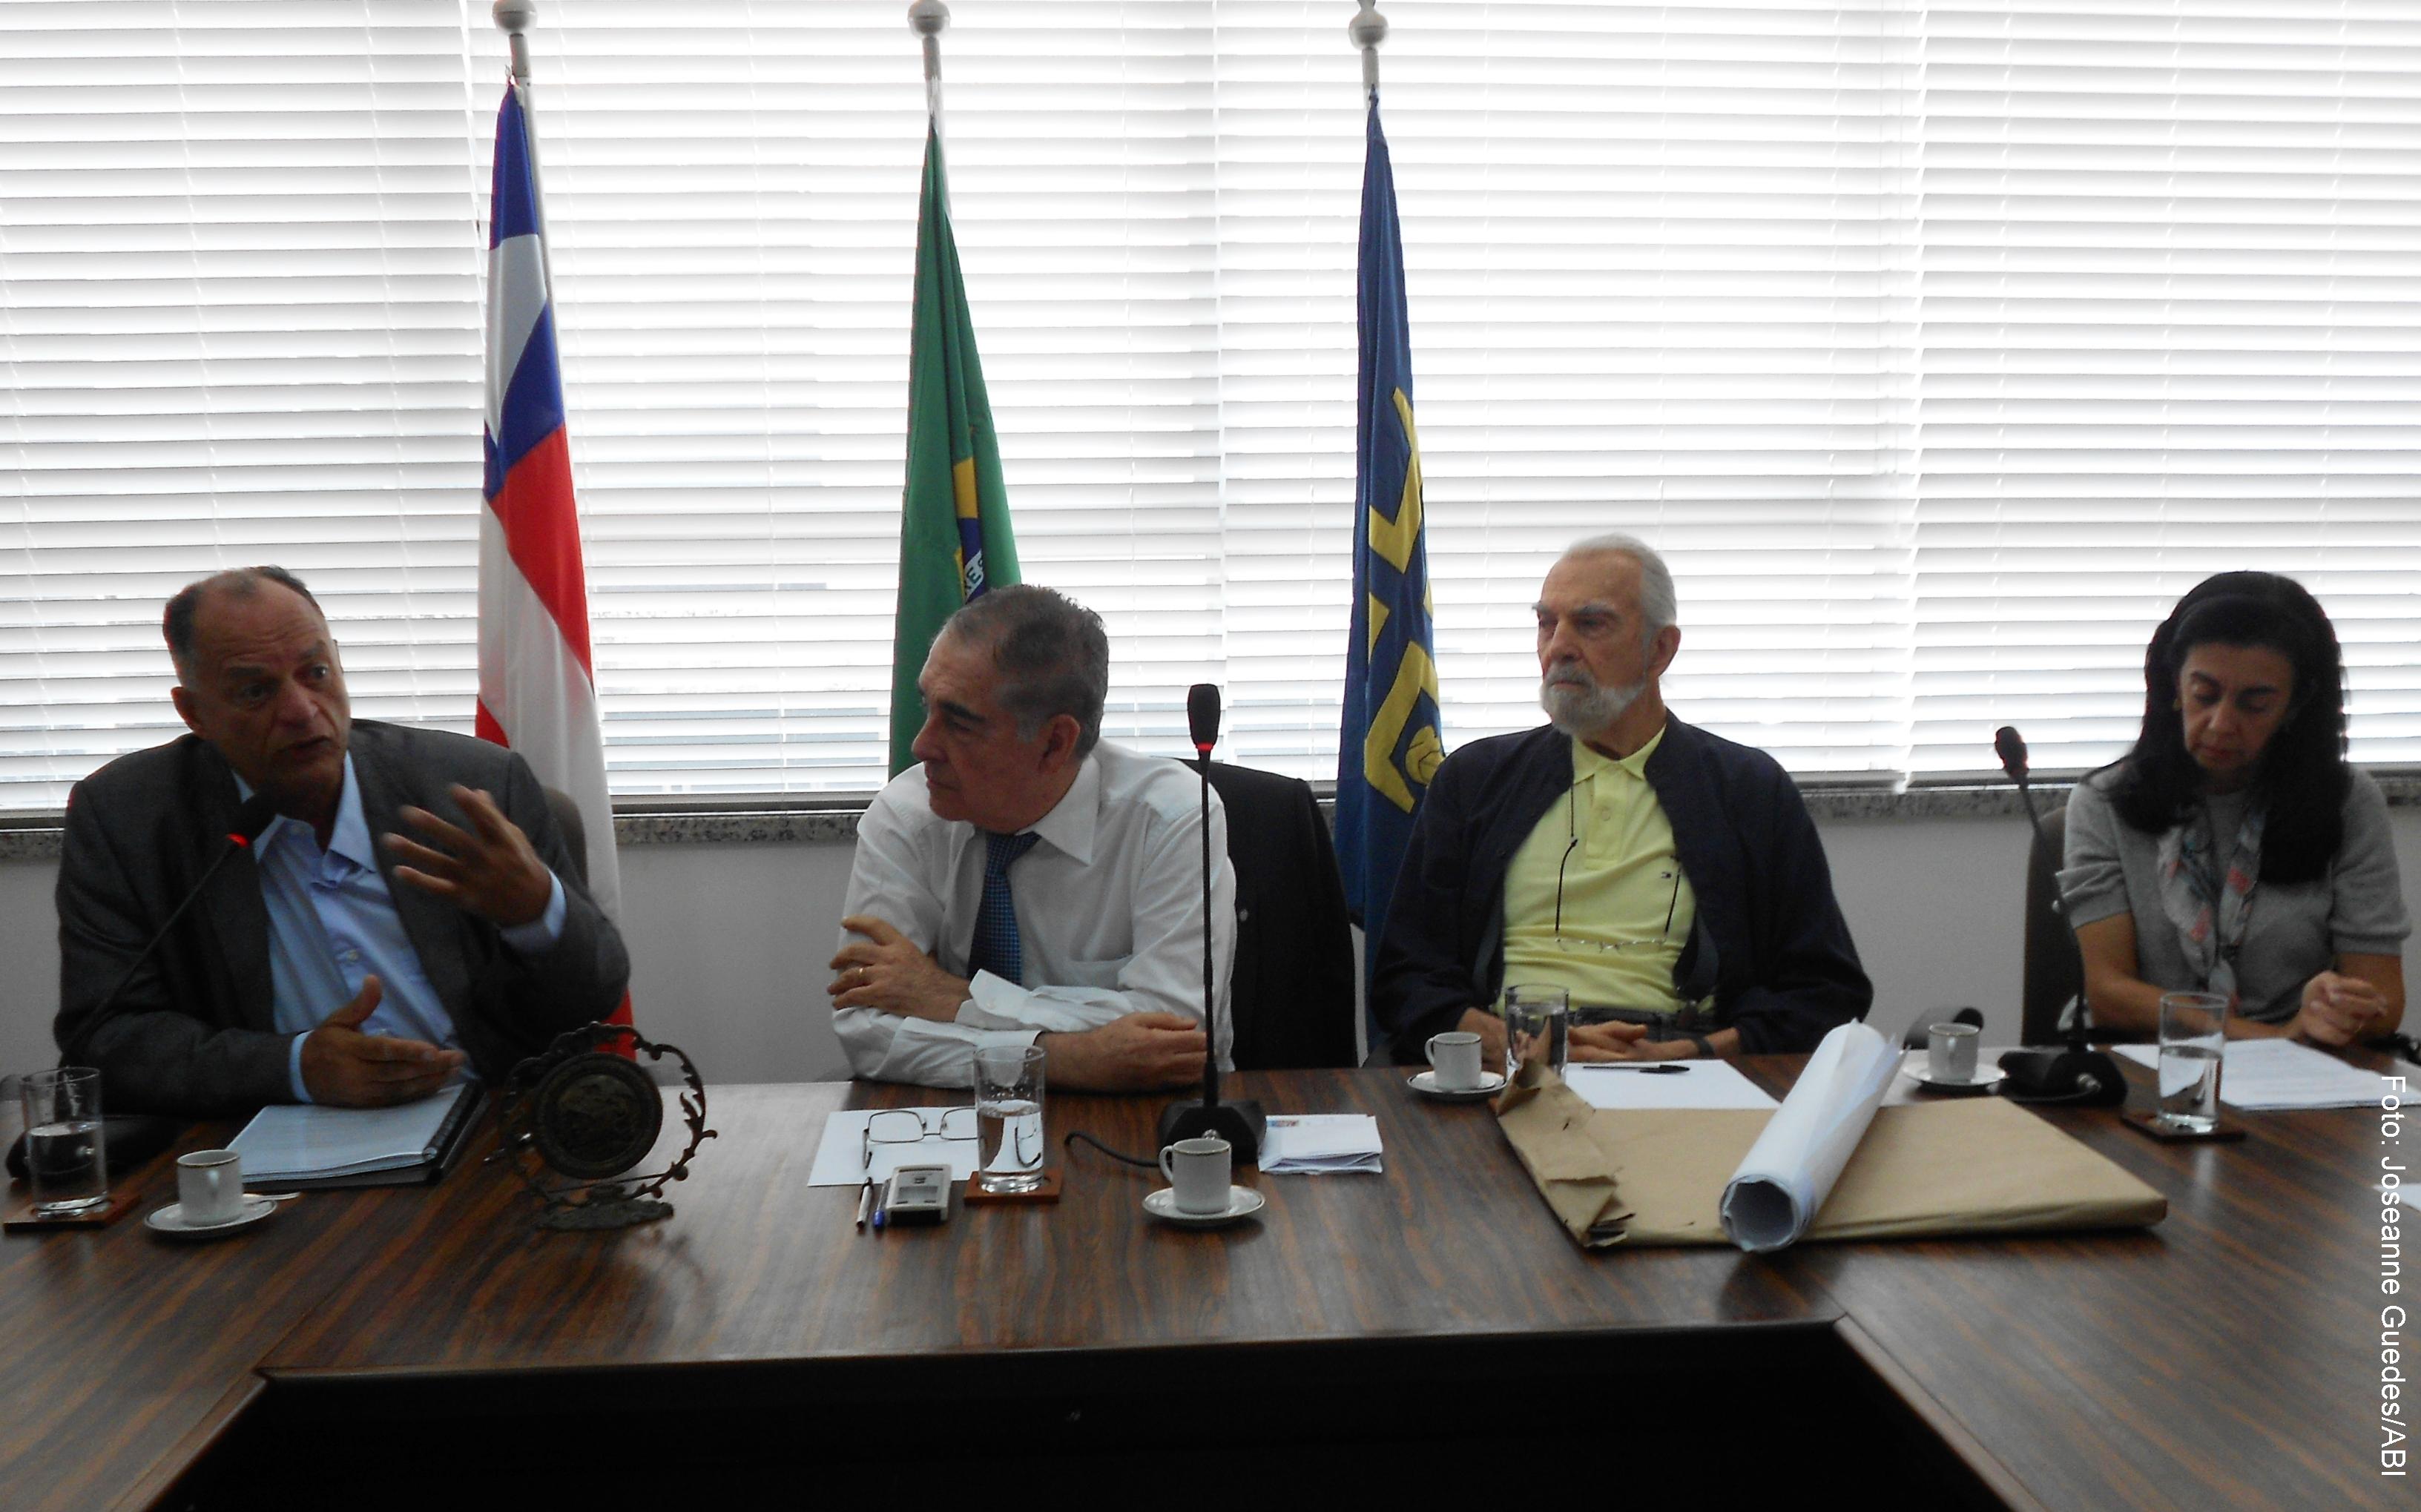 Filho do militante, Carlos Augusto Marighella criticou os cortes de verbas no setor cultural